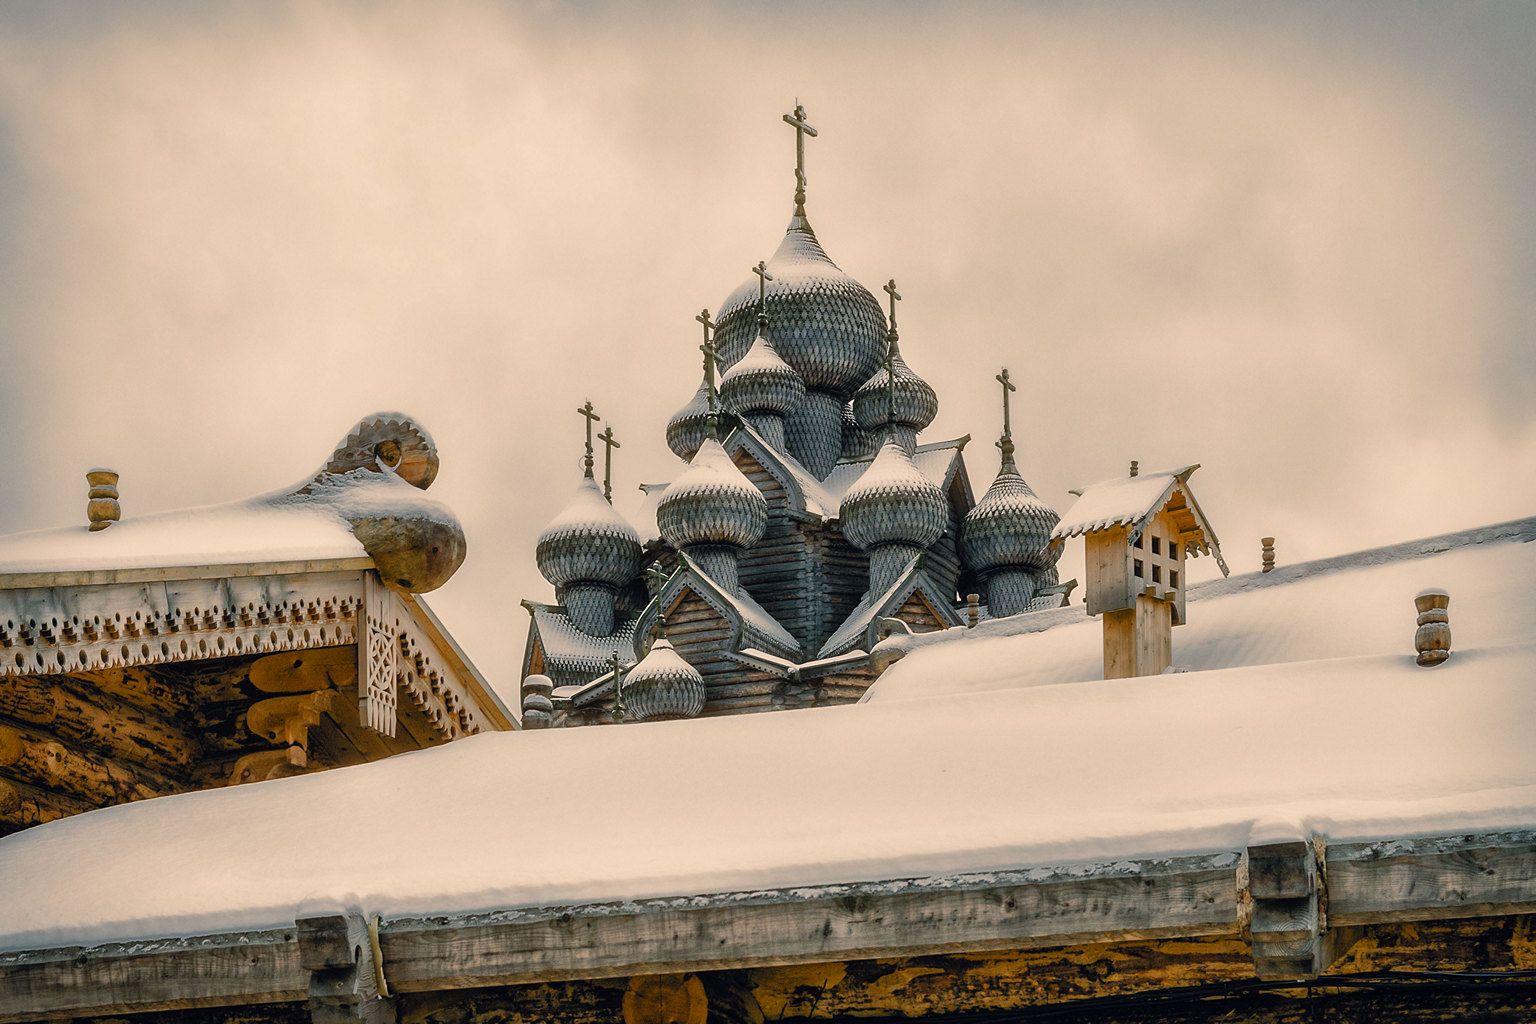 Усадьба Богословка. Покровская церковь.(5) петербург архитектура церковь покровская богословка усадьба